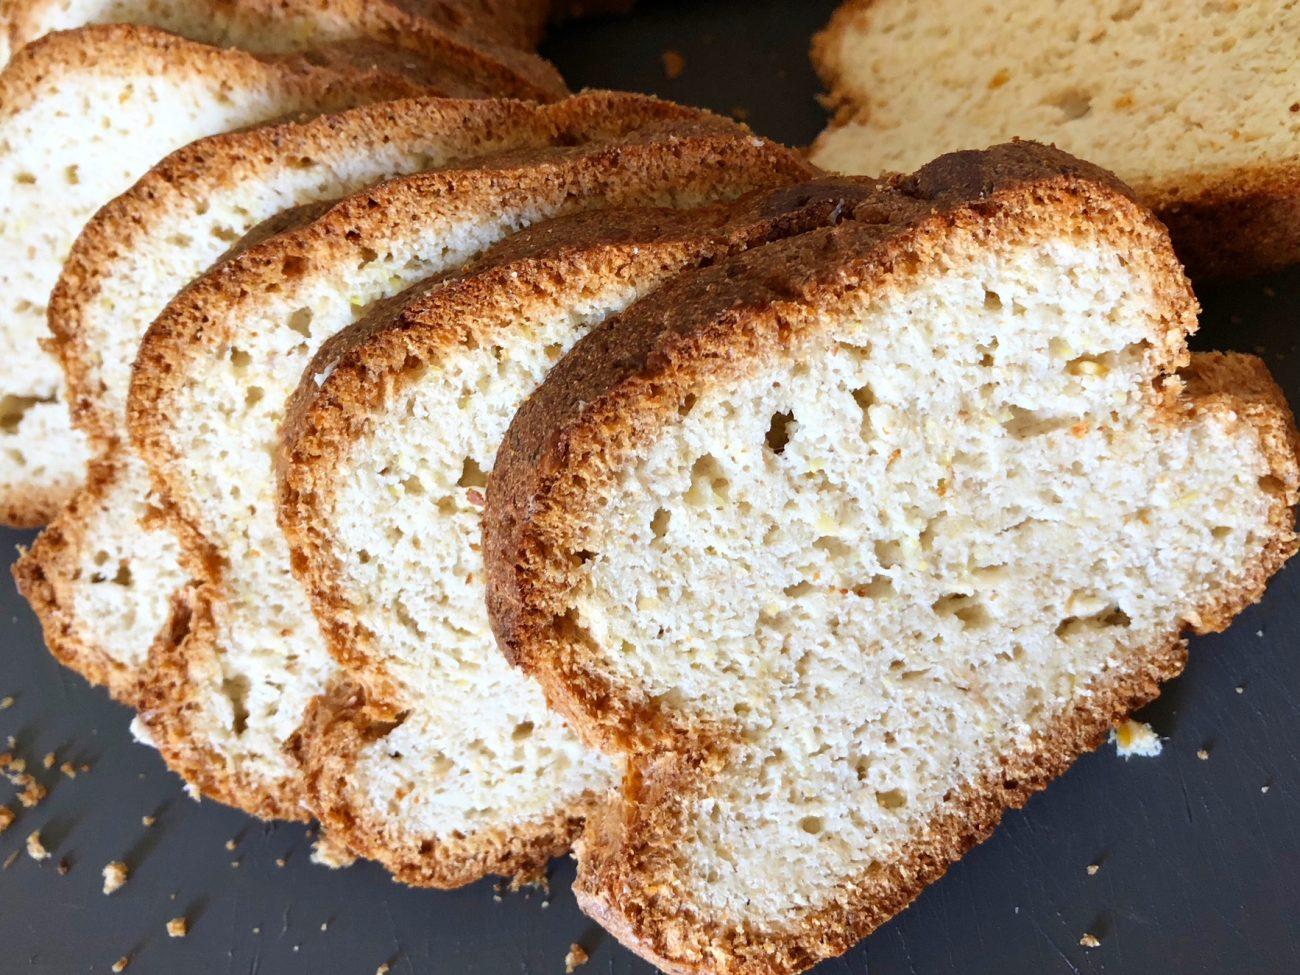 Ψωμί αμυγδάλου και τέλειες φρυγανιές (low-carb & keto)